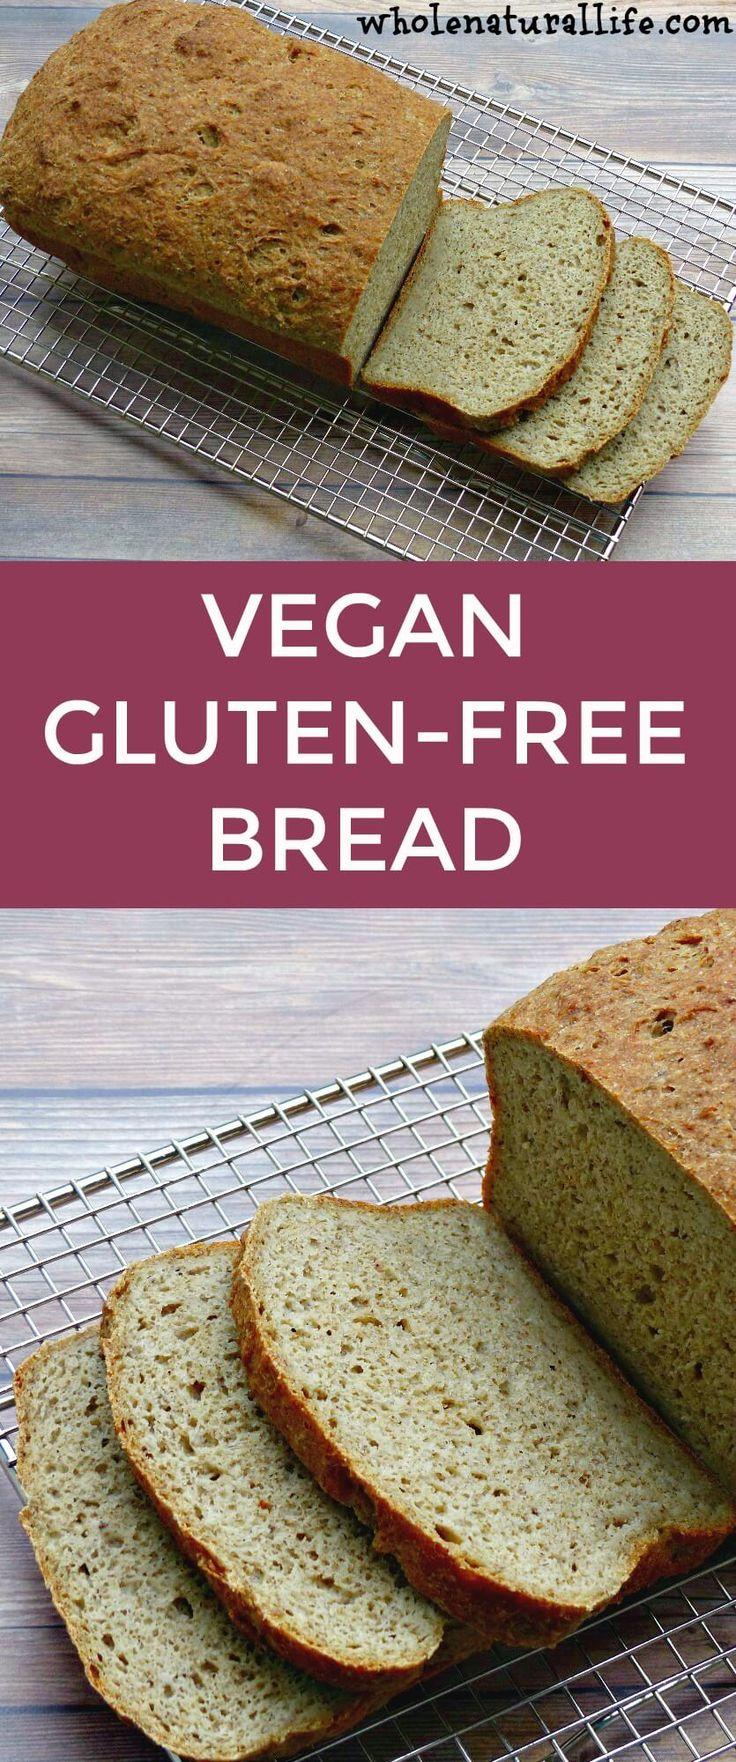 Vegan gluten-free bread recipe | Gluten-free bread without xanthan gum | Easy gluten-free bread | Homemade gluten-free bread